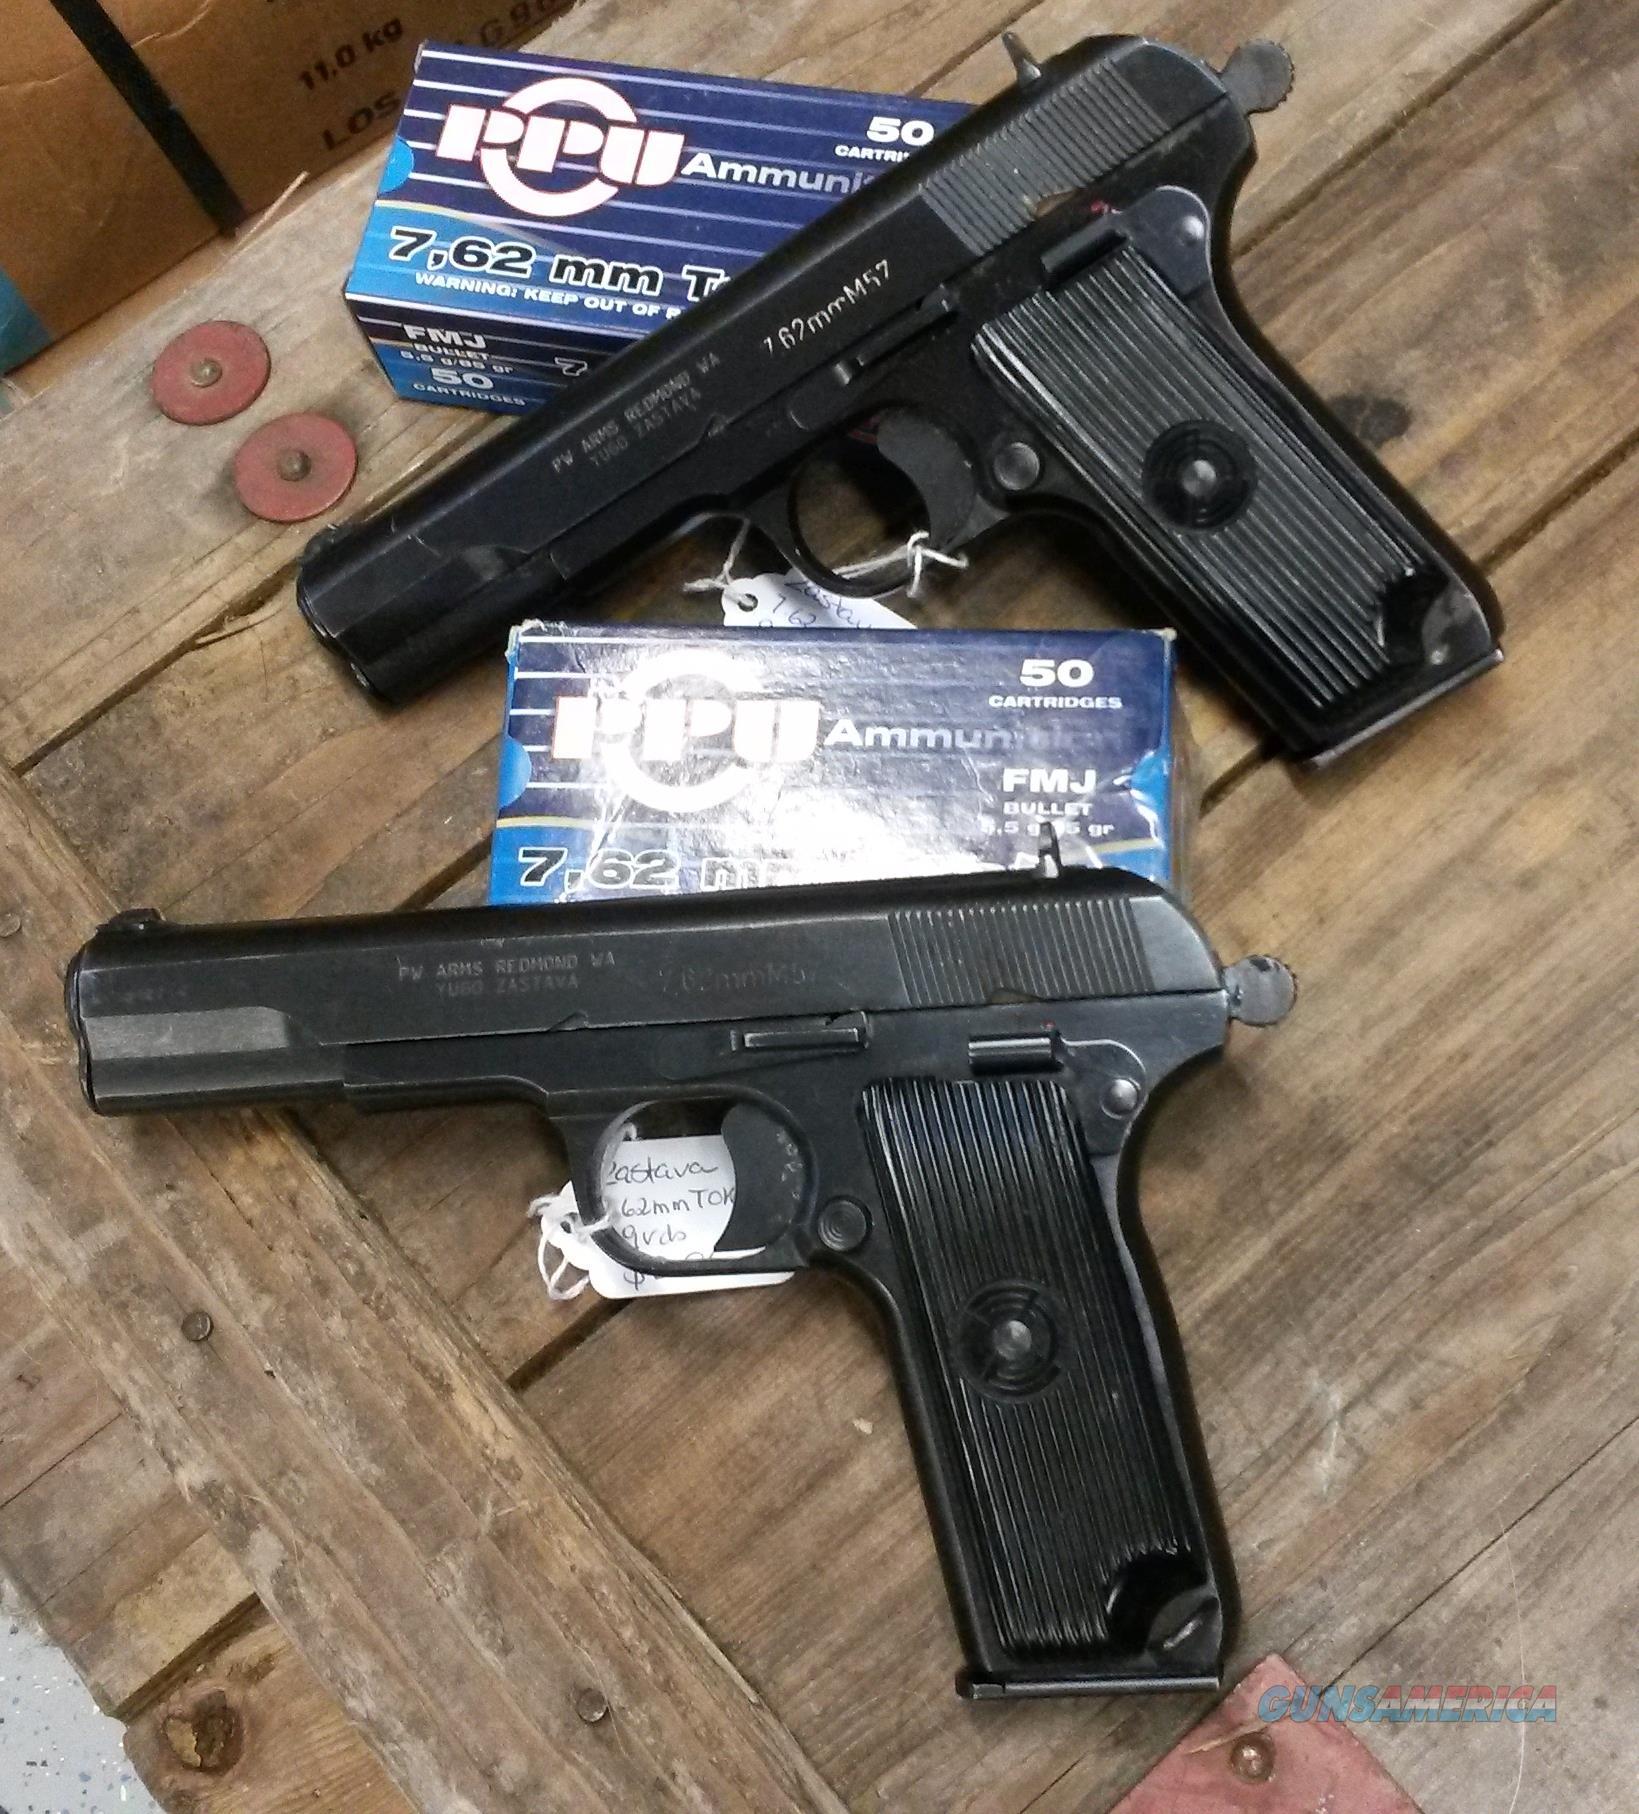 M57 Yugo Zastava Pistol Cal. 7.62x25mm (Tokarev... For Sale